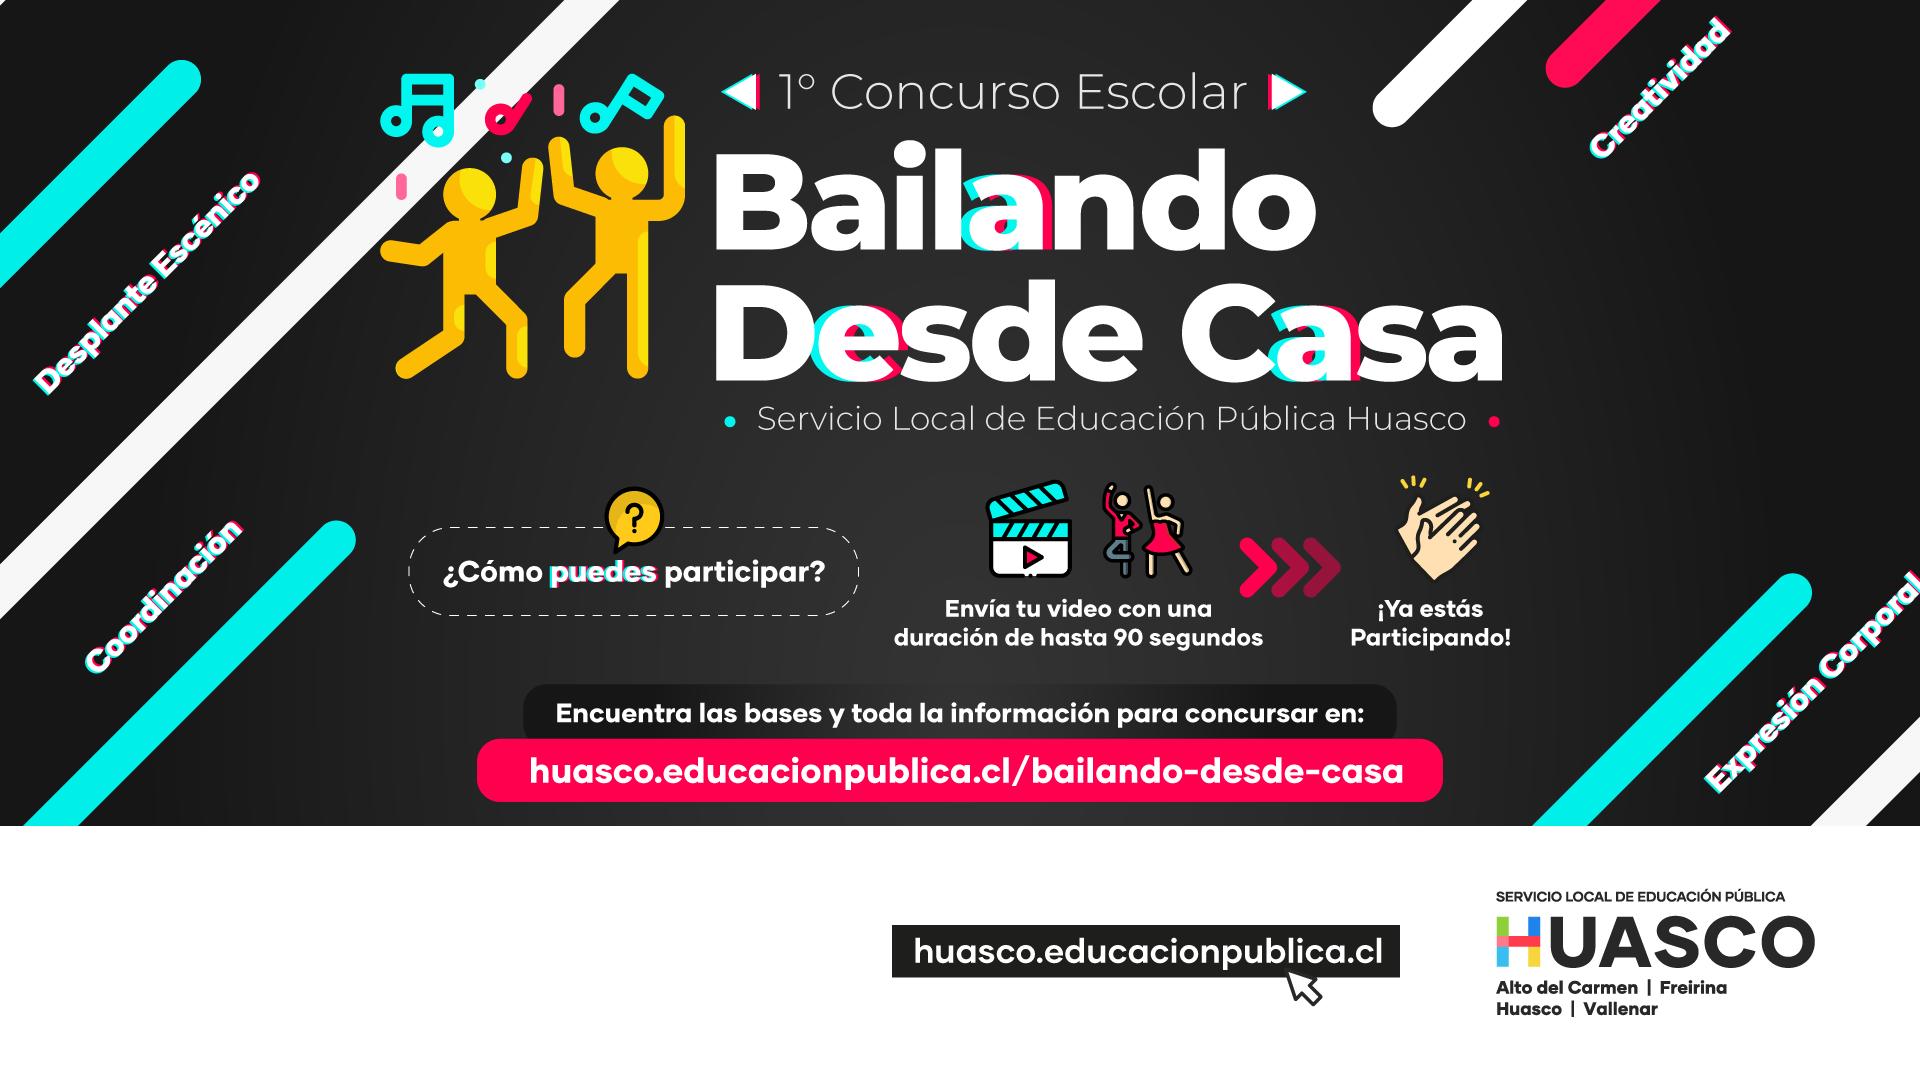 """Servicio Local Huasco invita a participar en el 1er Concurso Escolar """"Bailando desde Casa"""""""